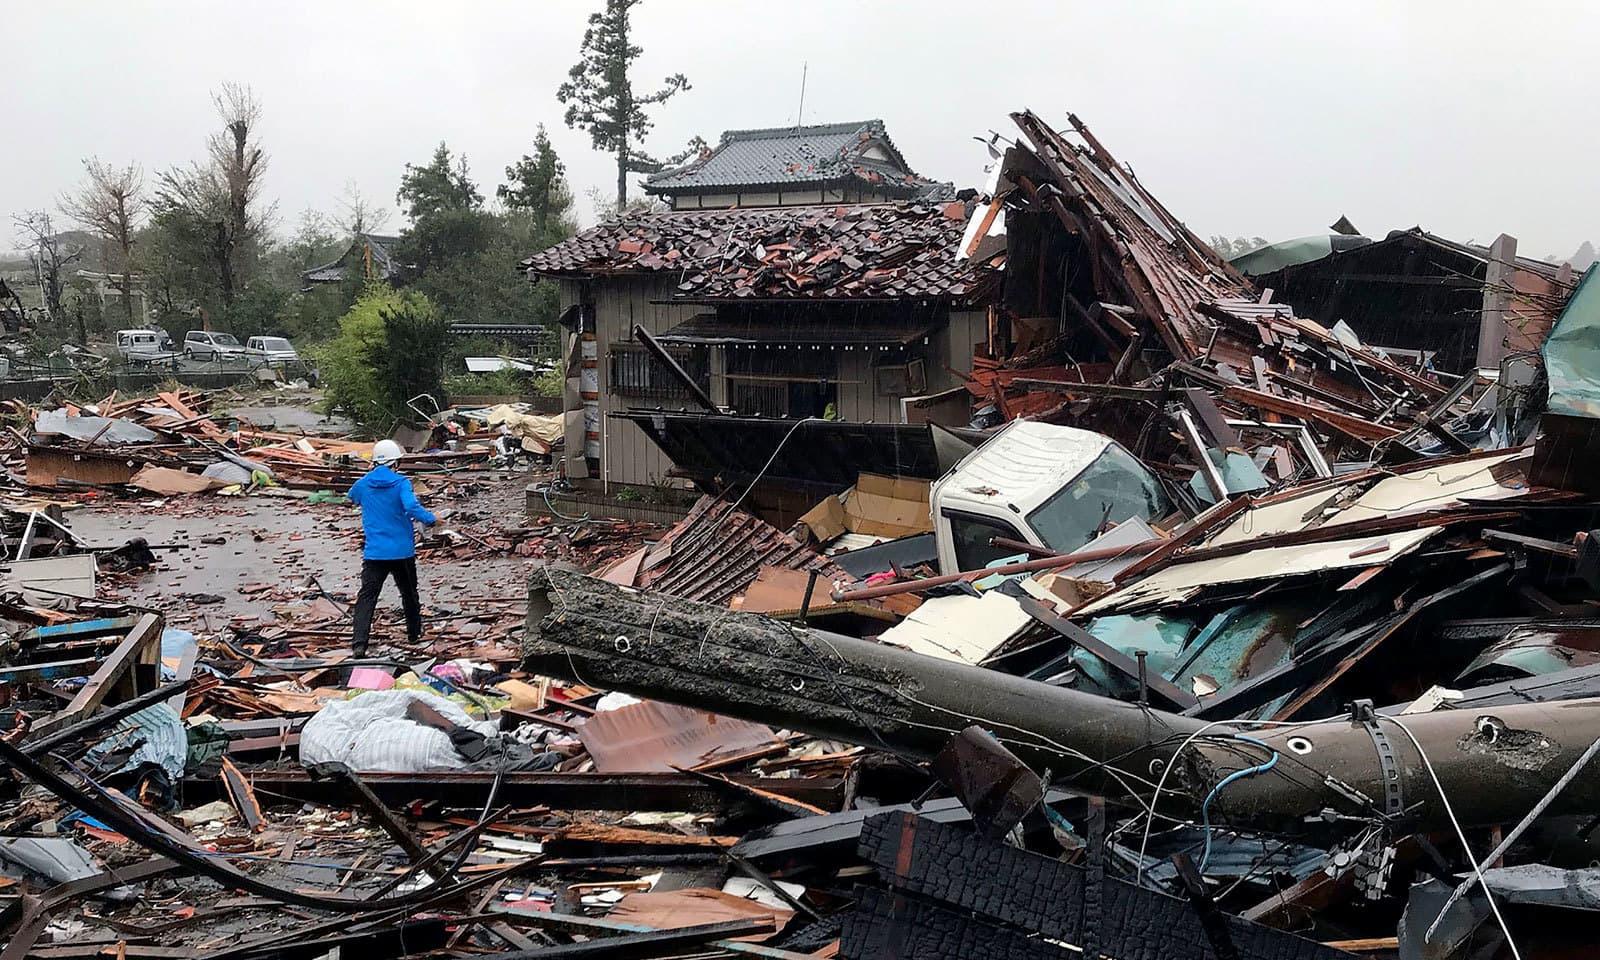 مشرقی ٹوکیو میں سیلابی صورتحال سے گھروں کو شدید نقصان پہنچا — فوٹو: اے ایف پی